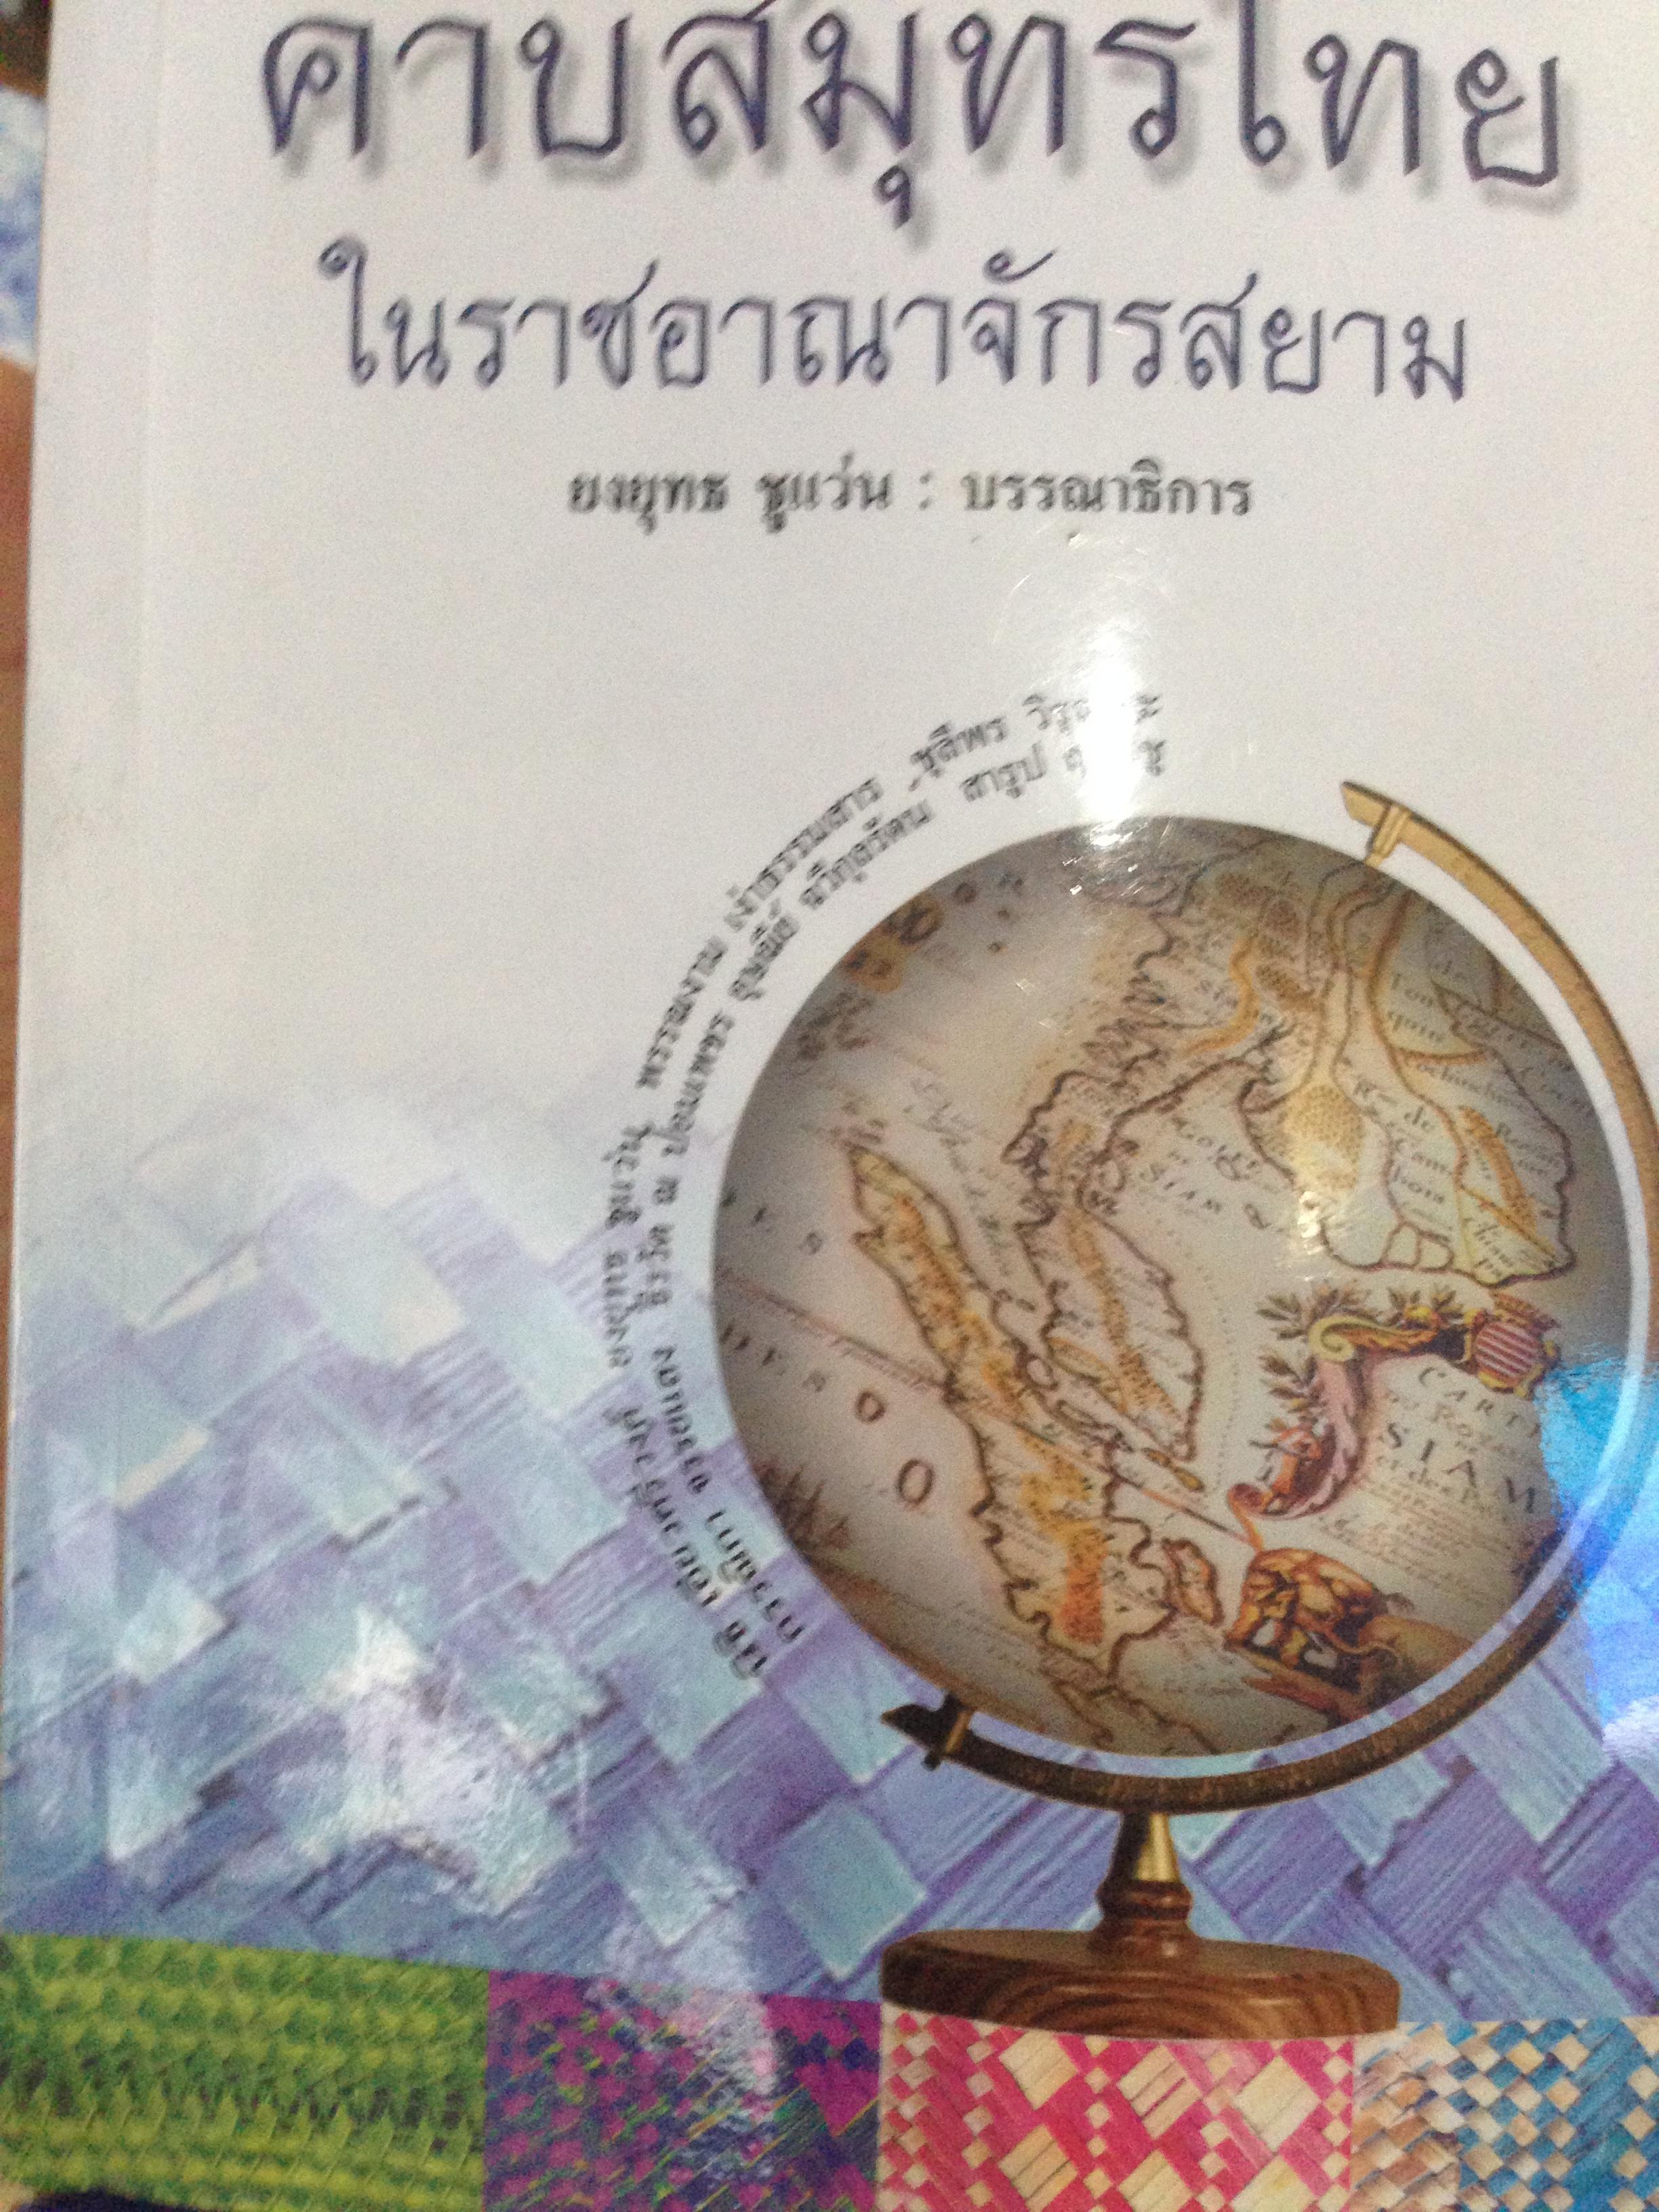 คาบสมุทรไทย ในราชอาณาจักรสยาม. ประวัติศาสตร์ตัวตนของภาคใต้สมัยอยุธยาถึงต้นรัตนโกสินทร์